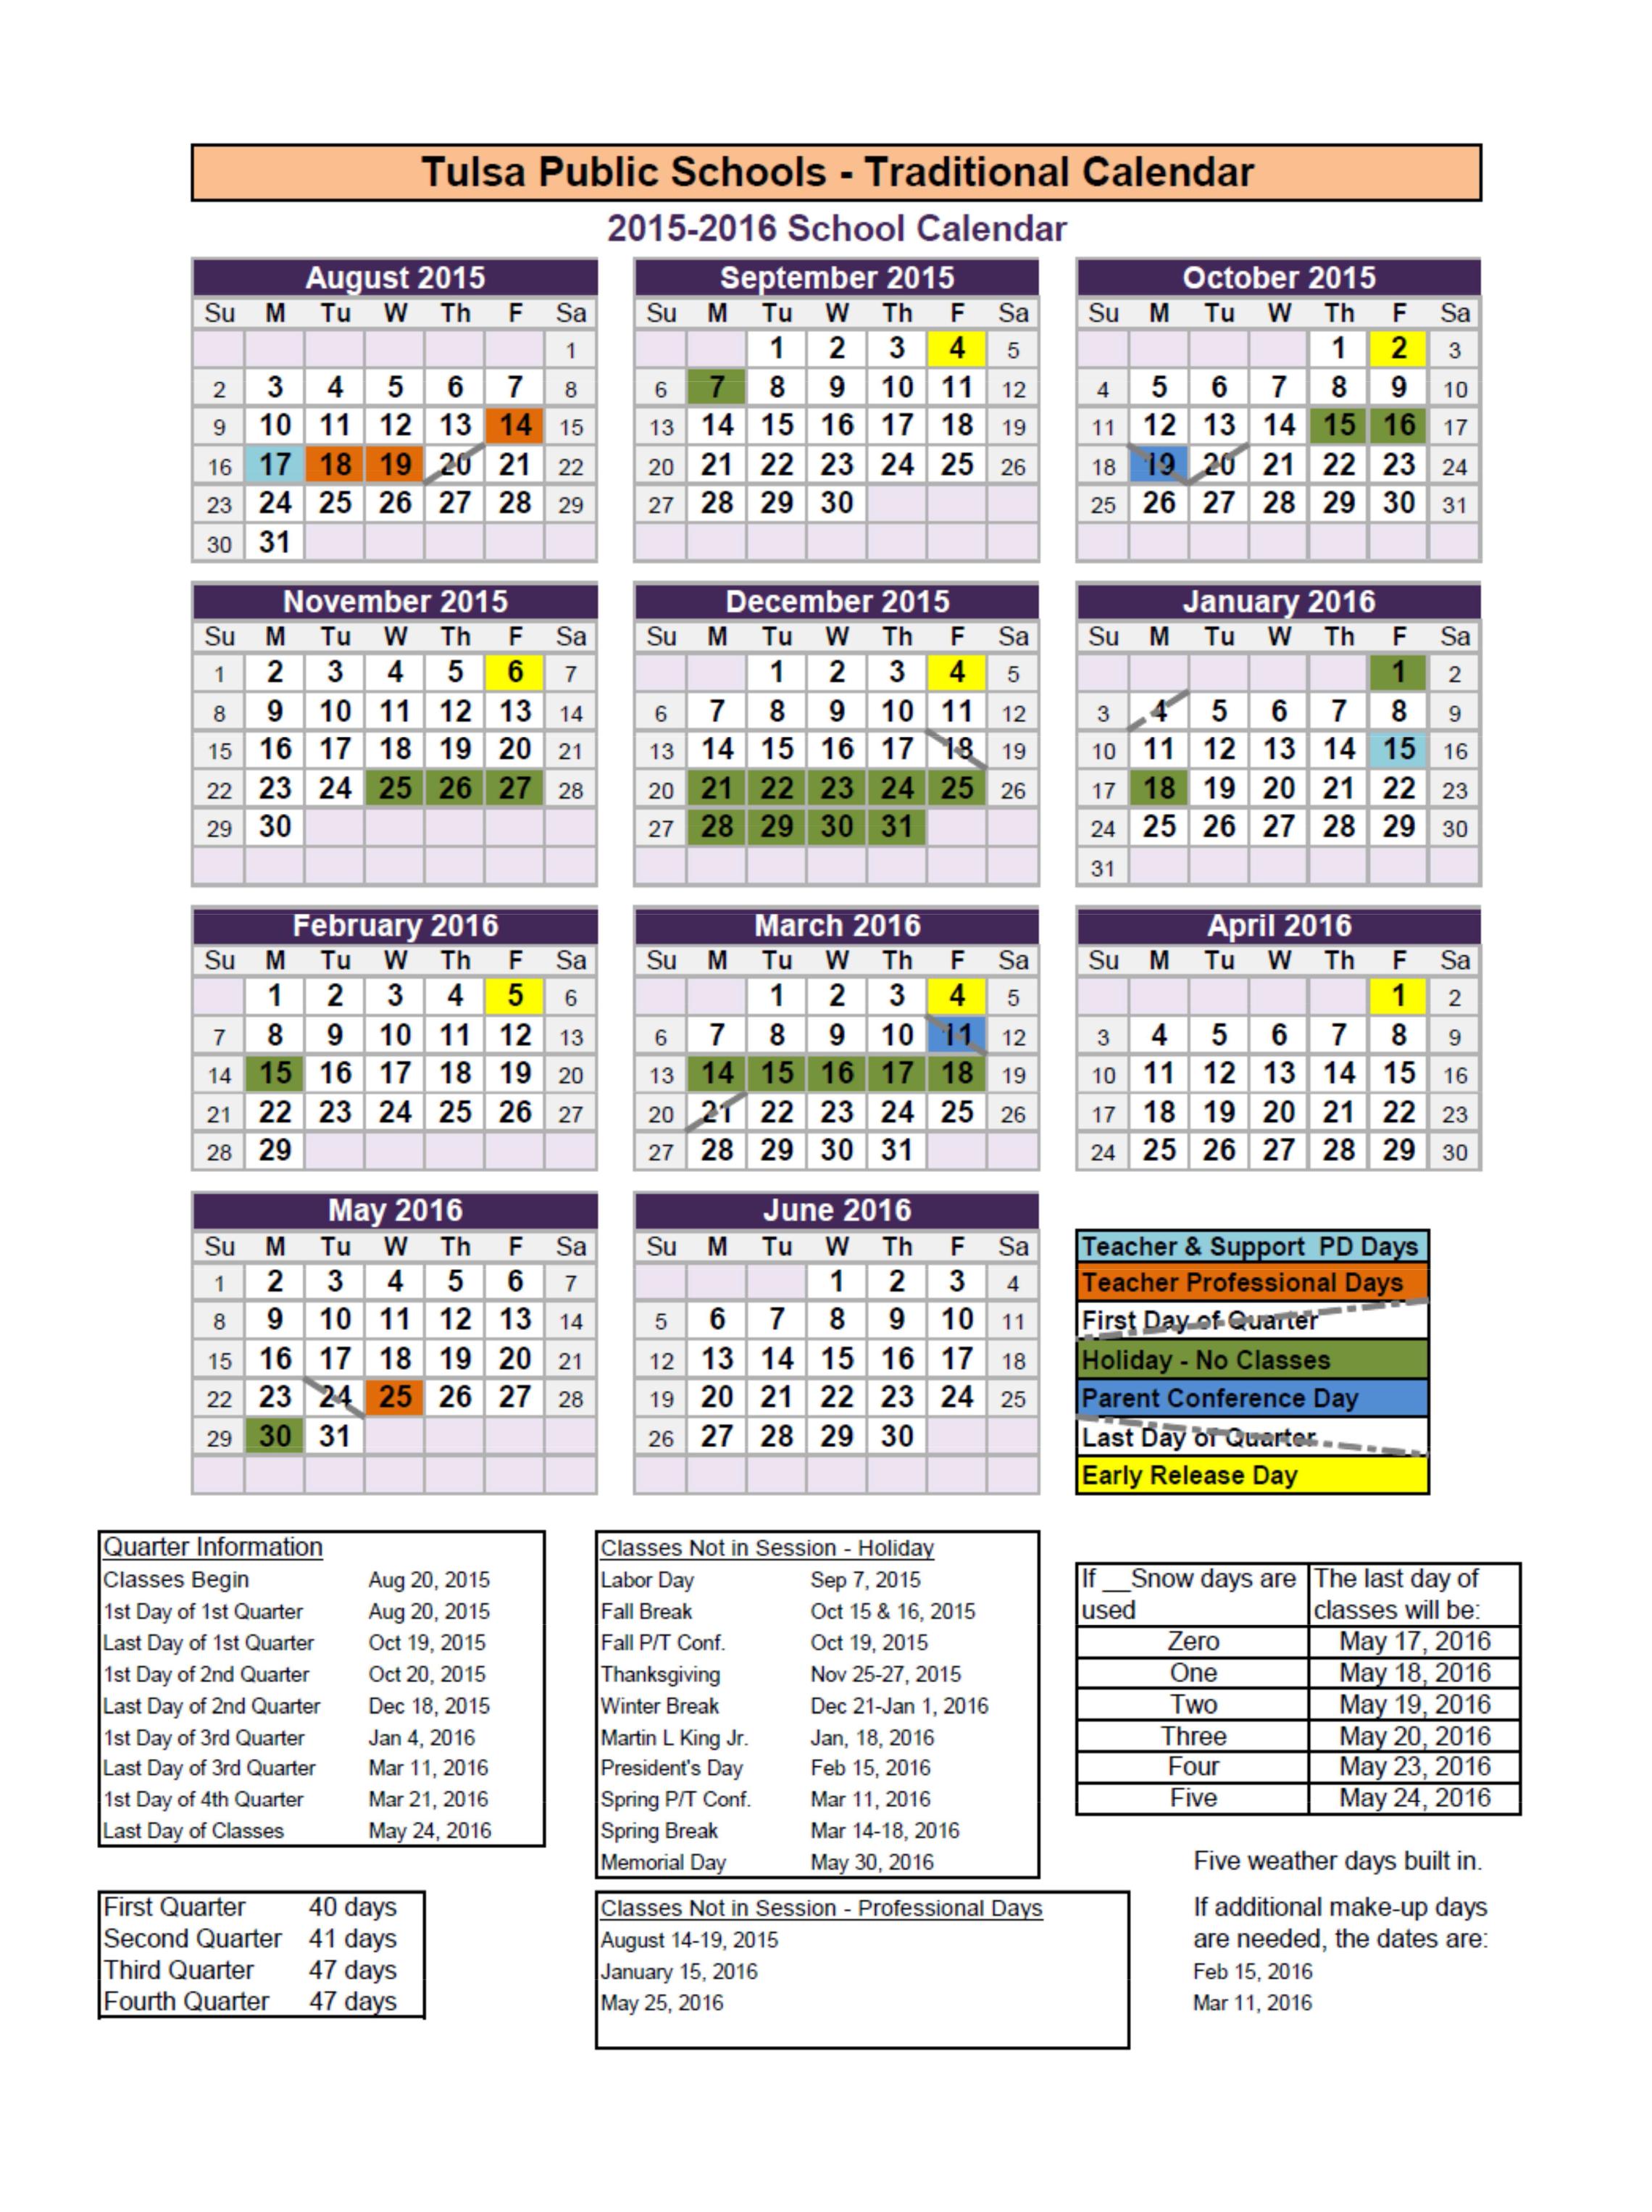 Tulsa Public Schools Finalize Calendar Years Through 2017 With Regard To Broken Arrow High School Spring Break